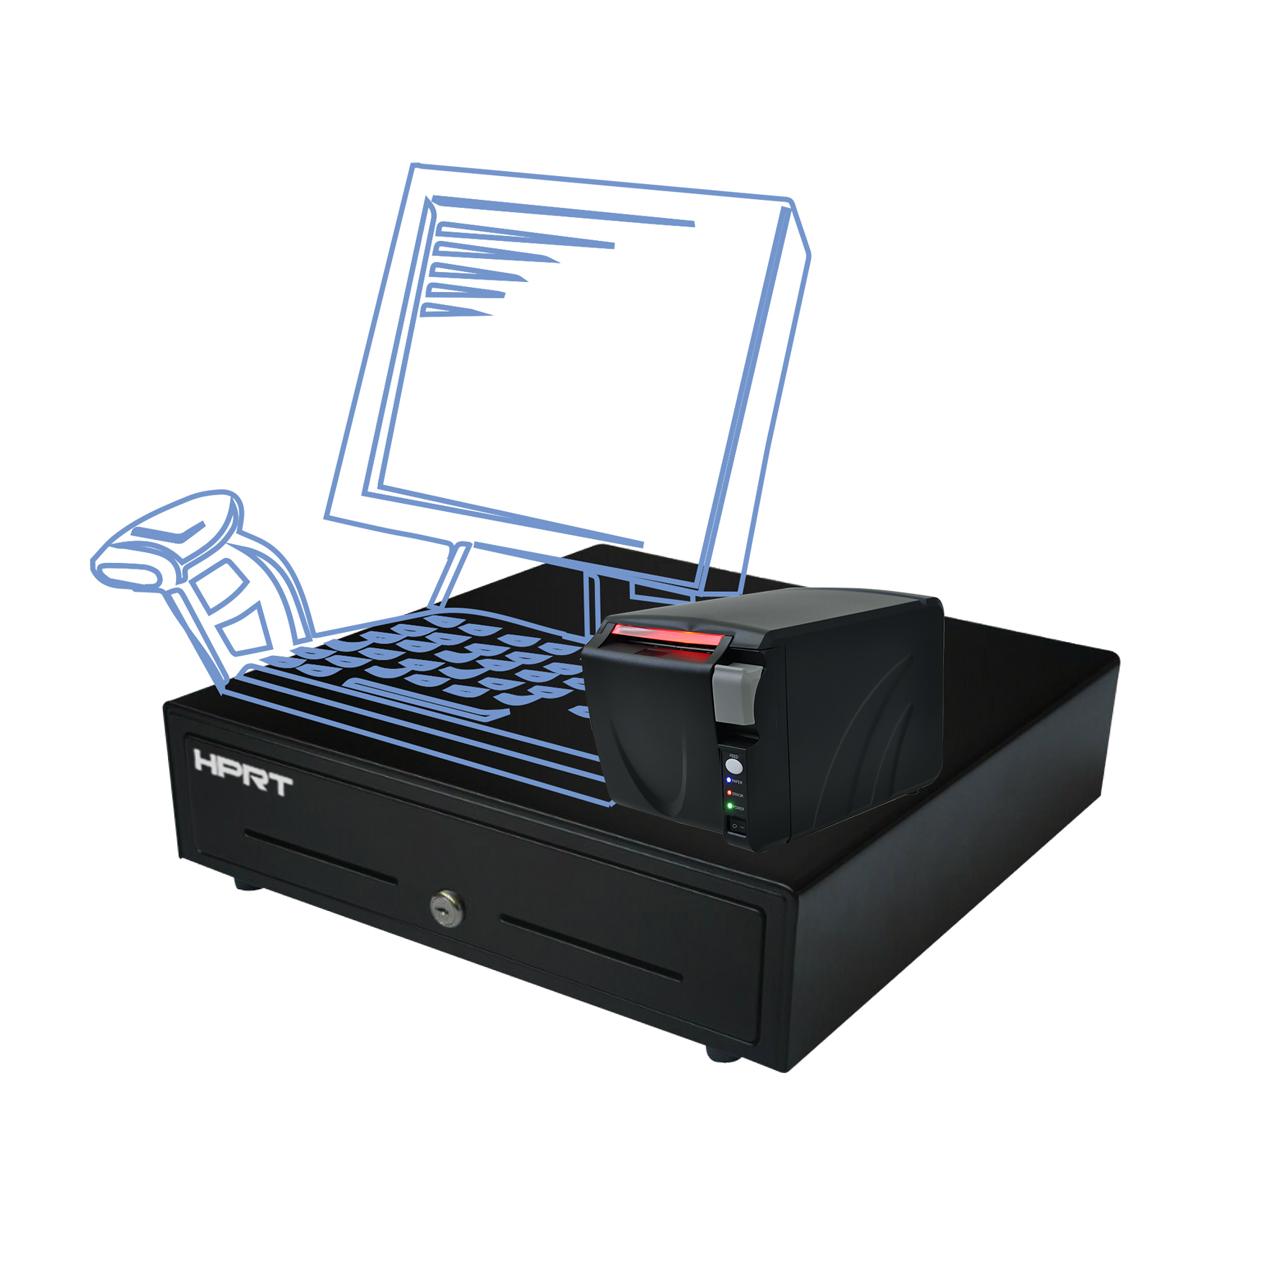 قیمت                      پرینتر حرارتی اچ پی آر تی مدل TP801 به همراه کشو پول اچ پی آر تی مدل MK_410